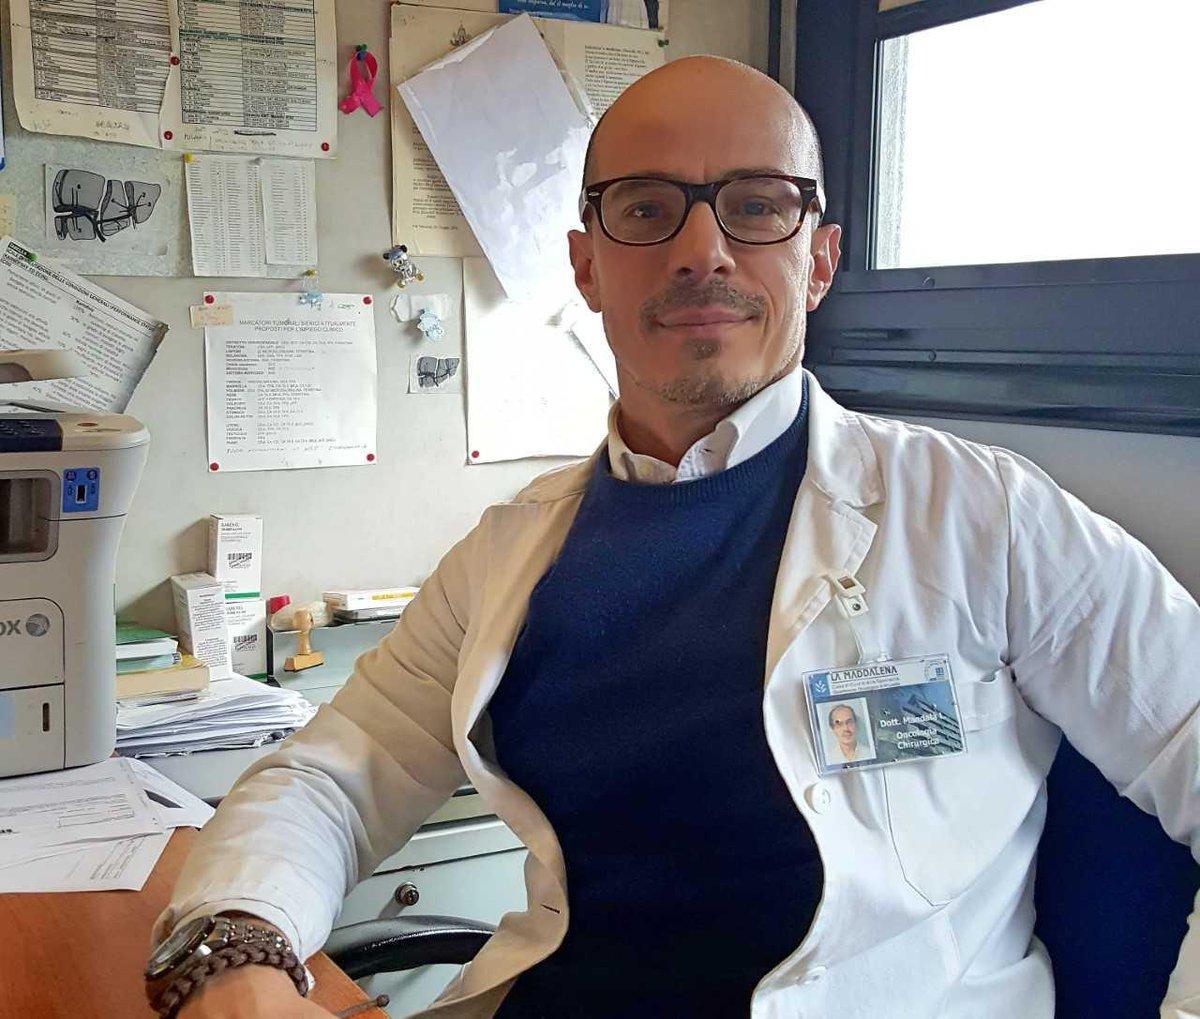 Asportato grosso #tumore con tecnica mininvasiva https://t.co/wzZpCLwDUY